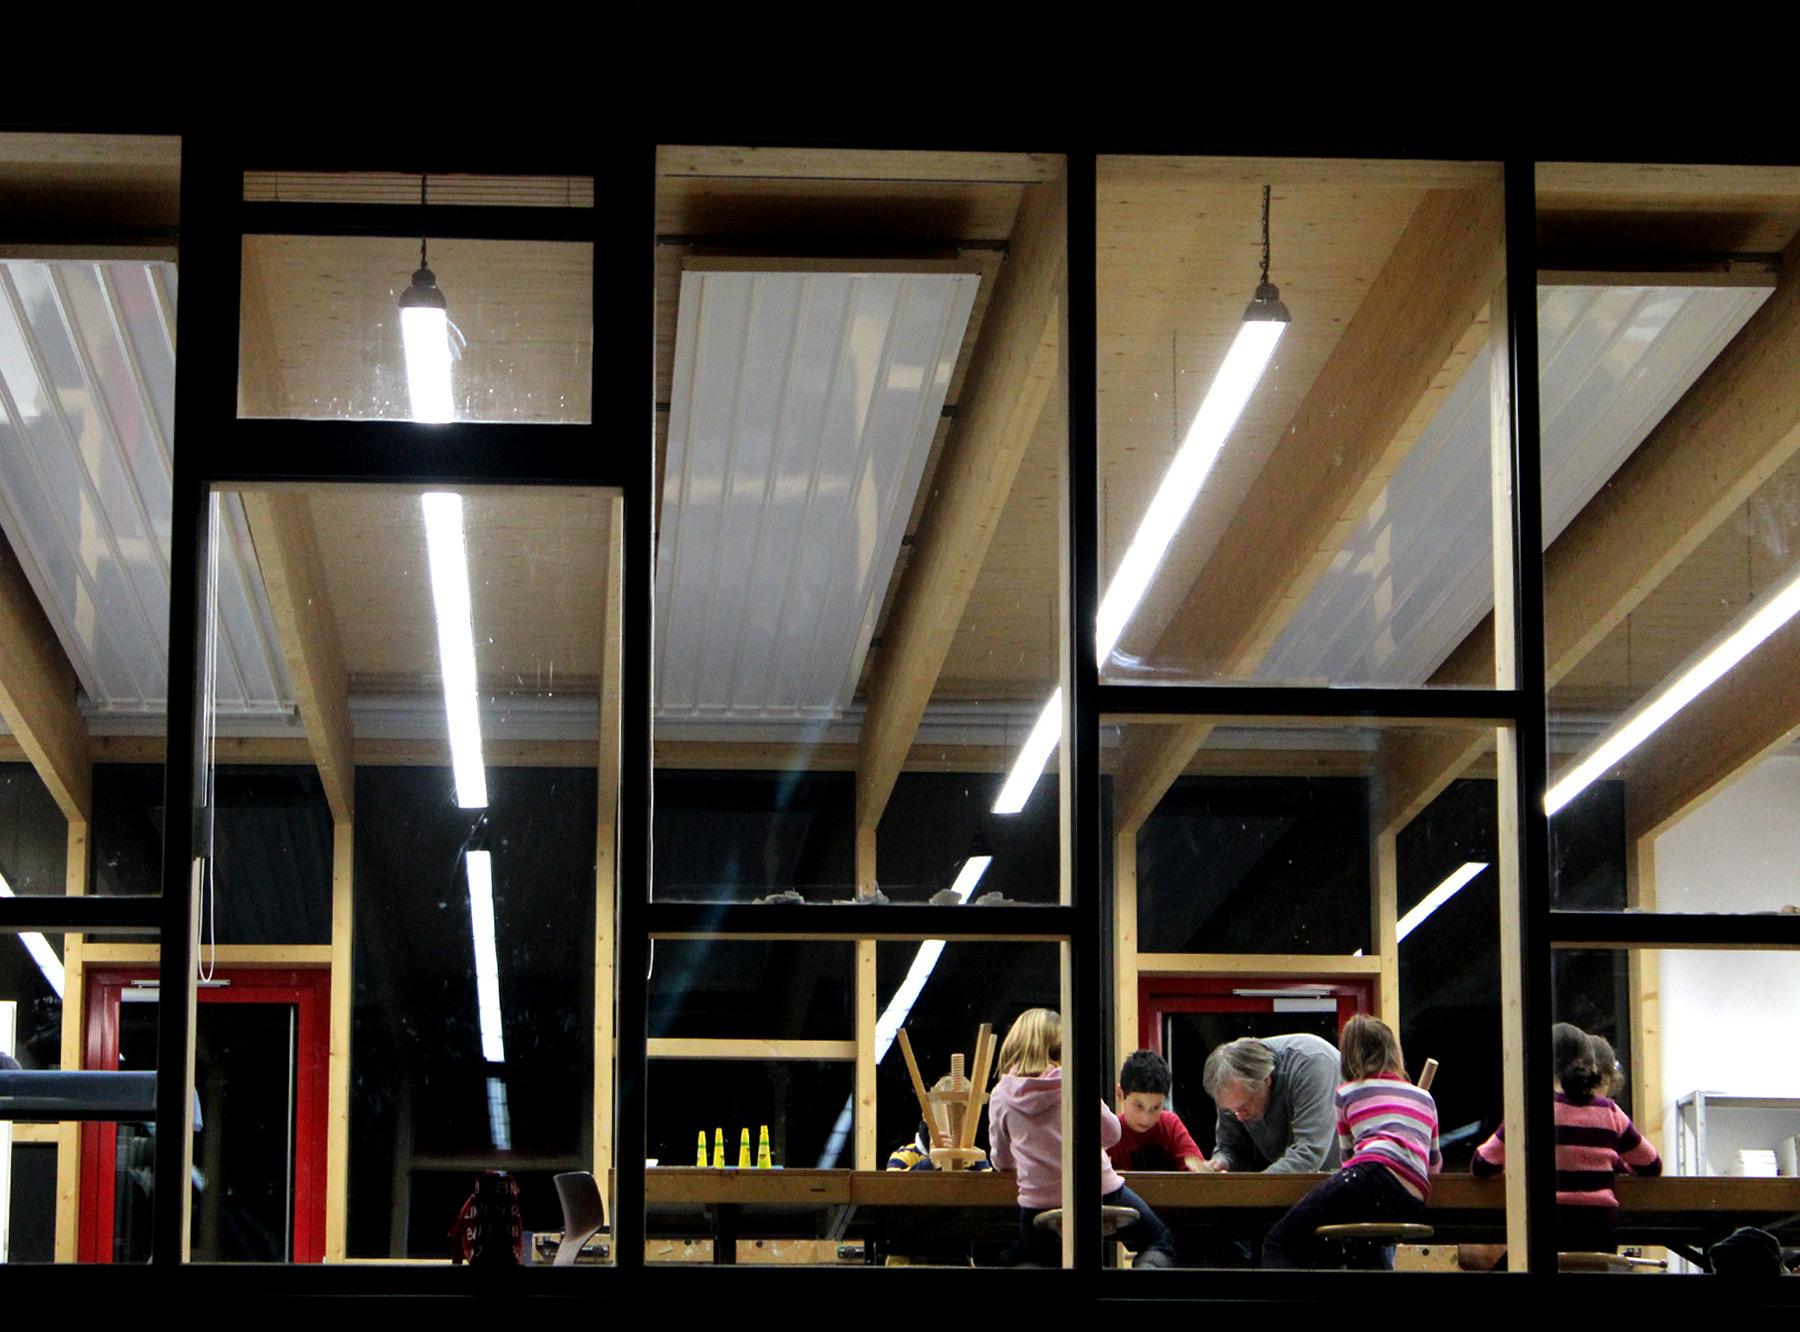 holzplanwerk heuser partner freie architekten und ingenieure holzbau projekte. Black Bedroom Furniture Sets. Home Design Ideas